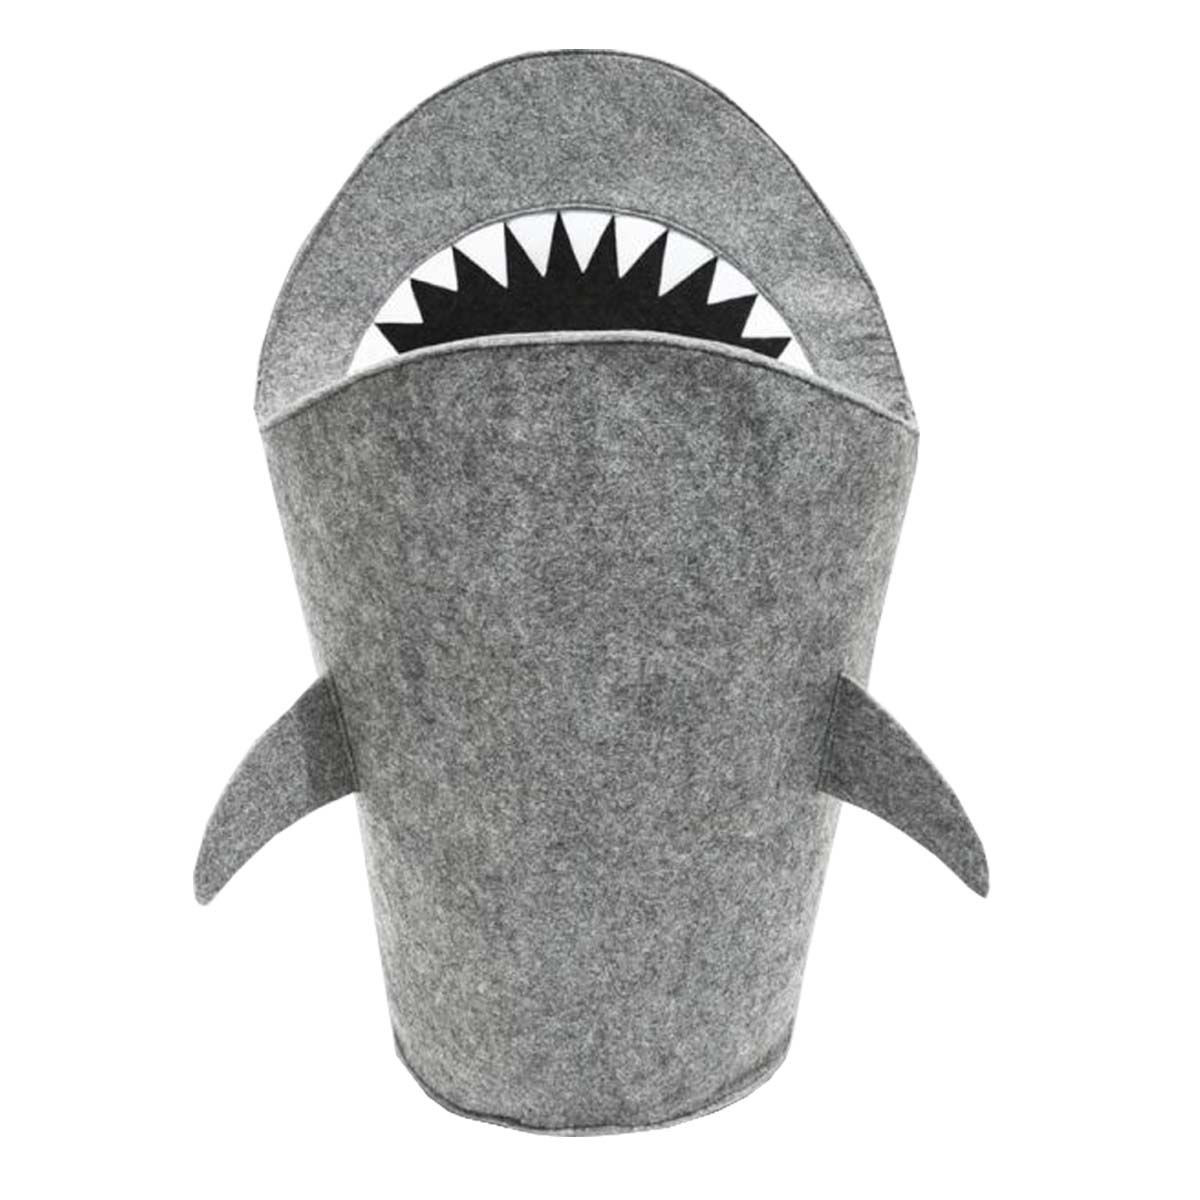 Jouets Feutre À Requin Panier En k8wnOPX0